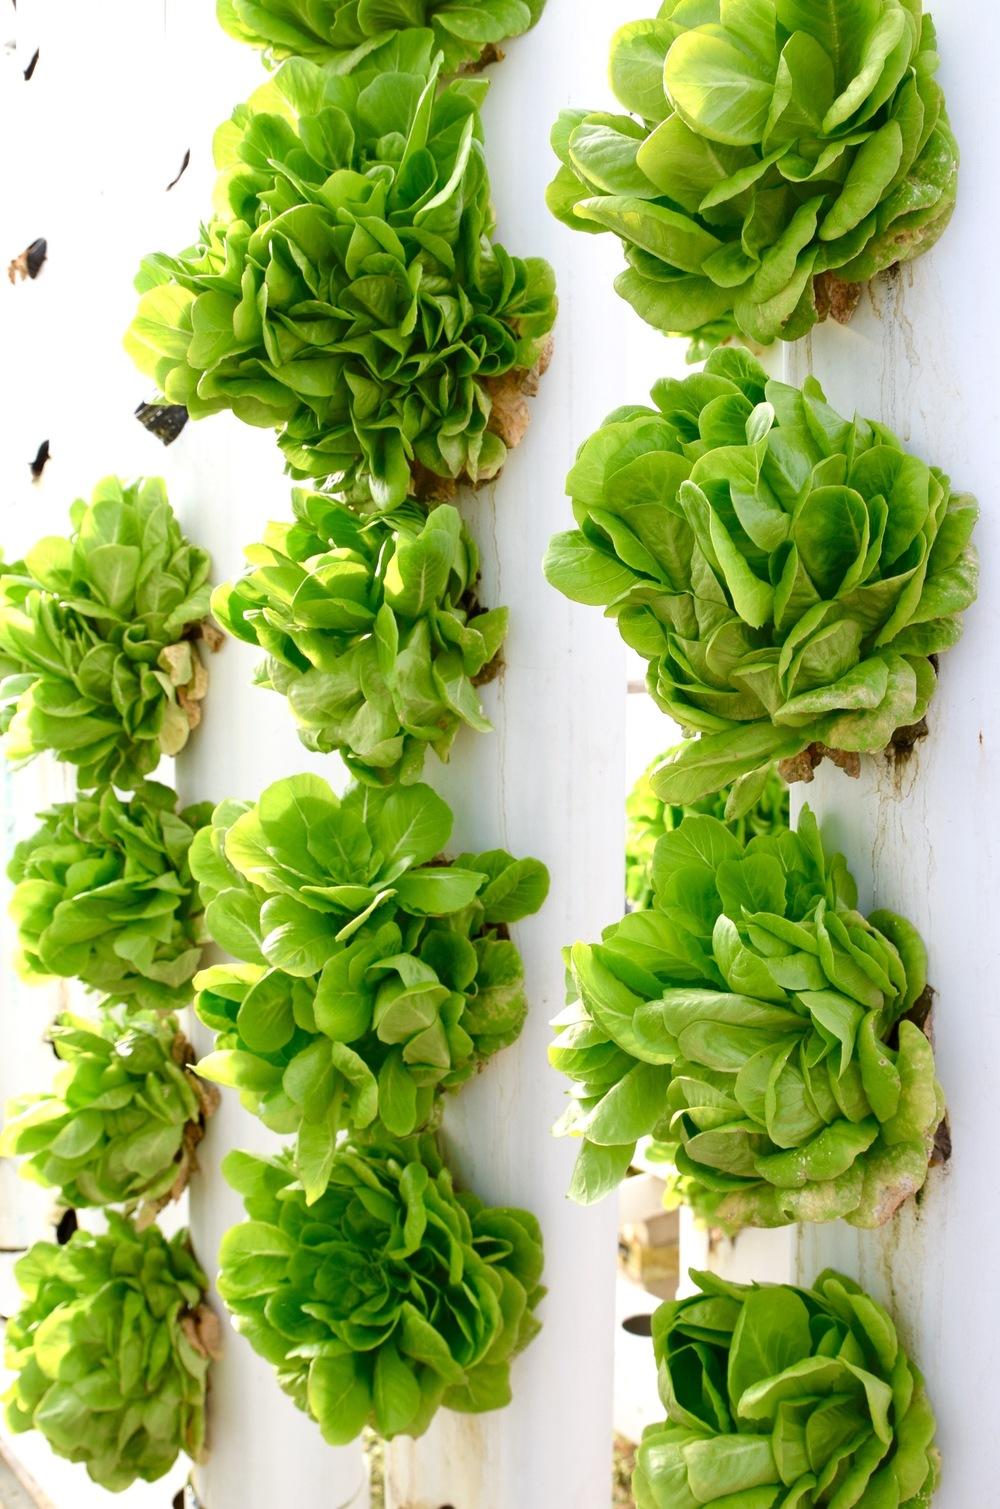 Future Foods Farm Lettuce.jpg